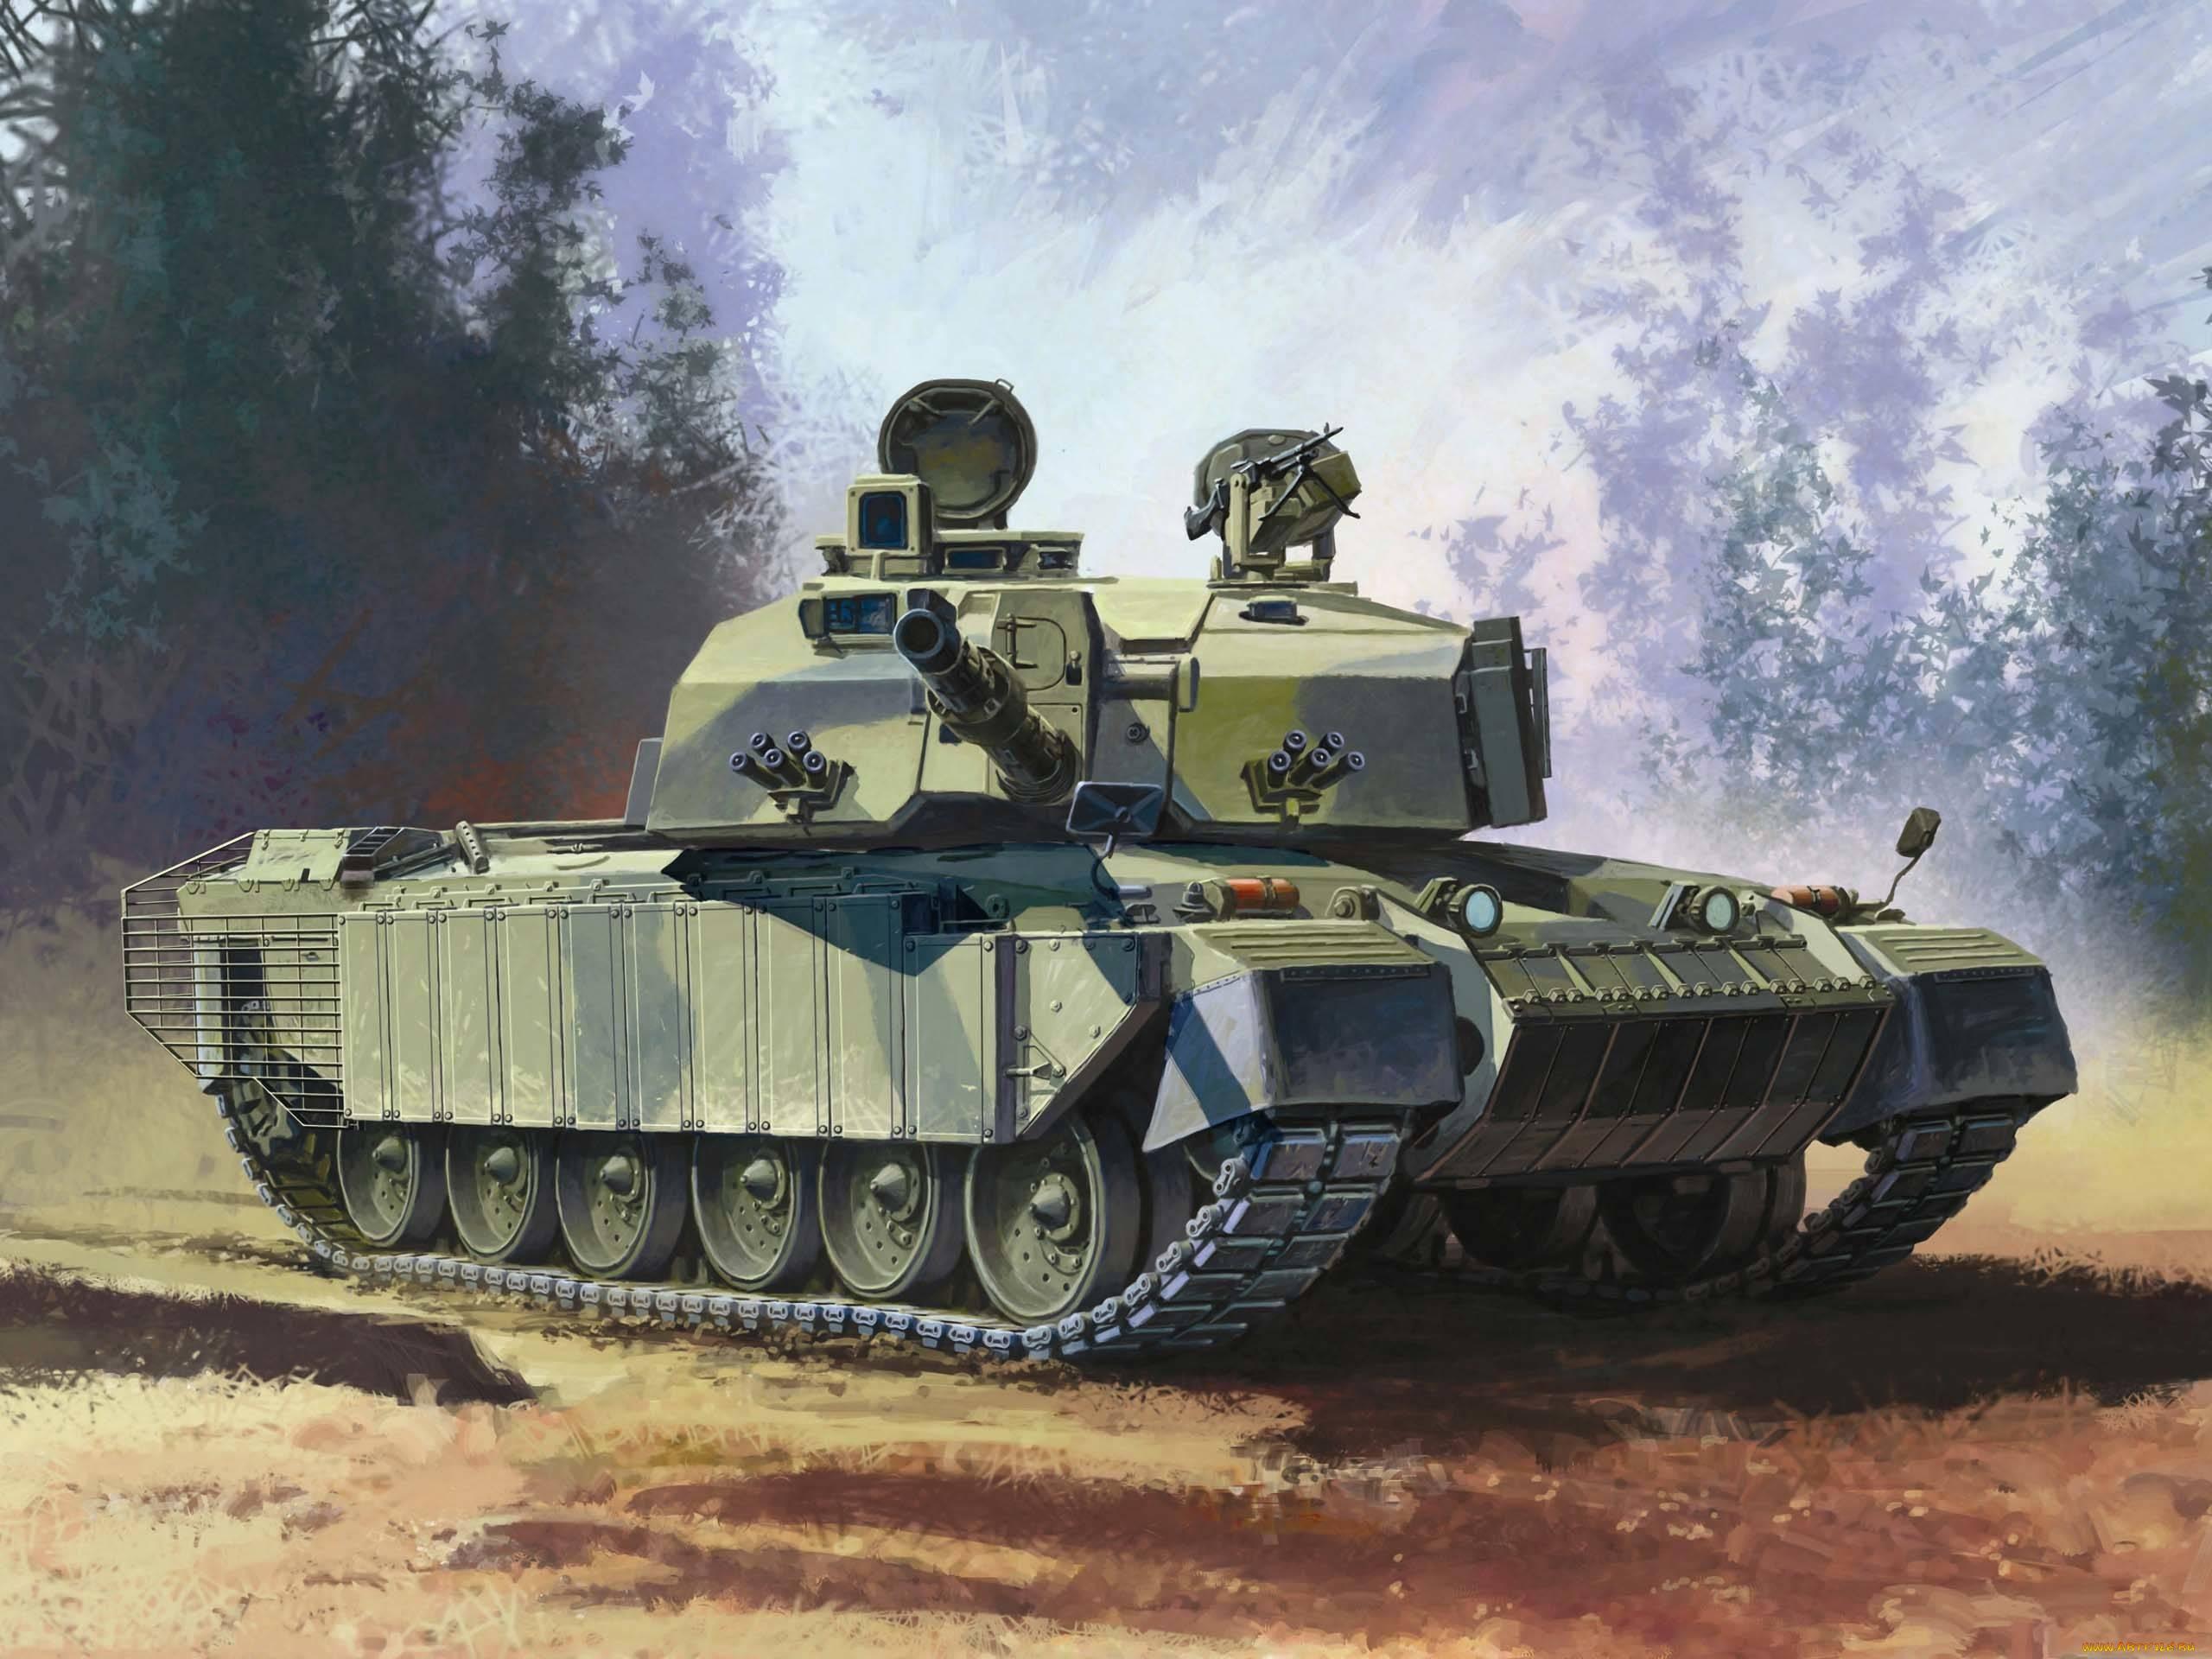 Challenger - обзор, как играть, ттх, секреты пт сау challenger из игры мир танков на сайте wiki.wargaming.net